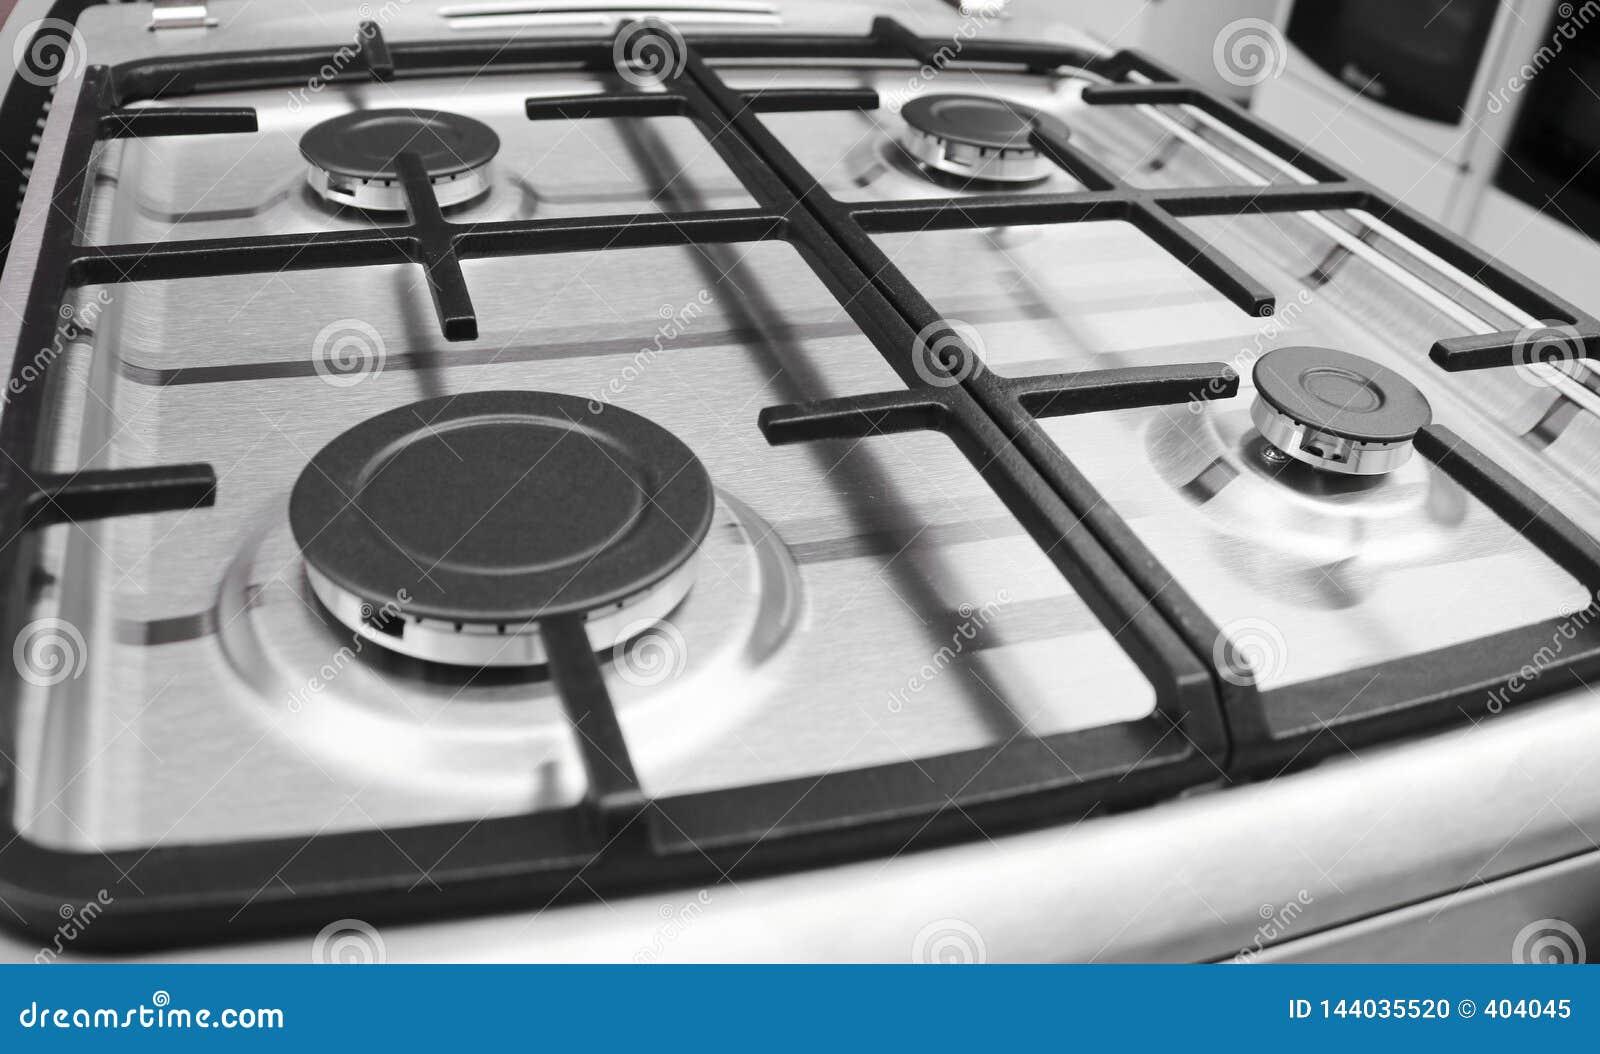 Nueva estufa de gas moderna con cuatro hornillas para la cocina, superficie de acero inoxidable